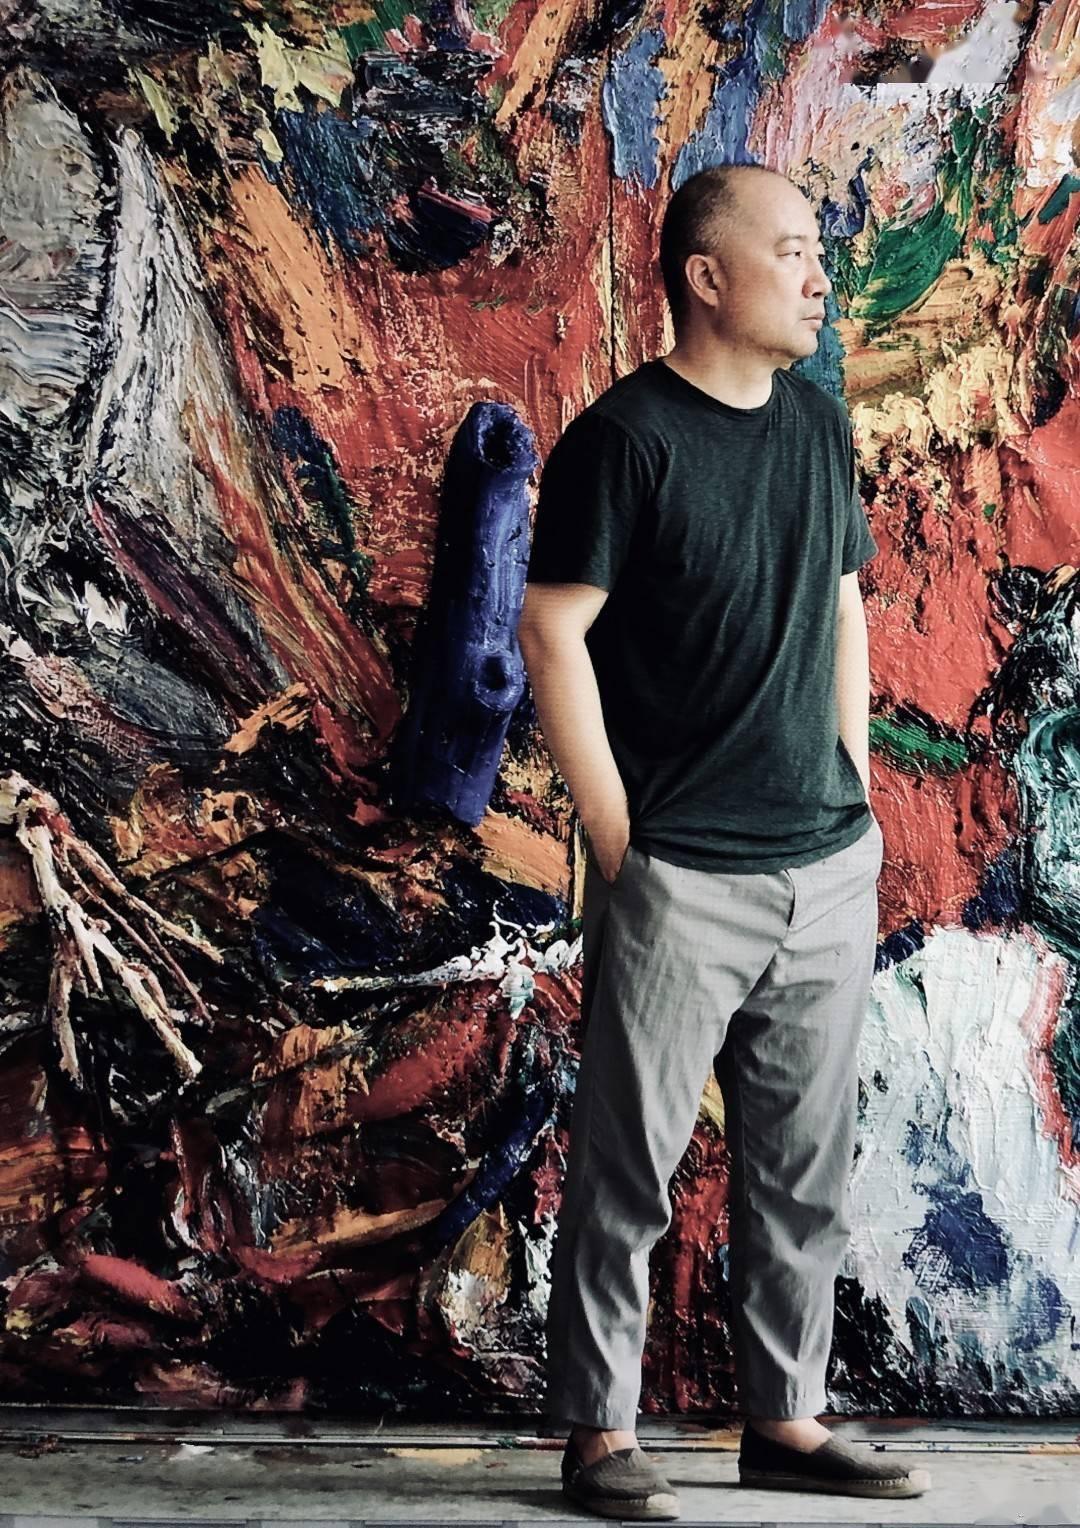 """《艺术的此岸与彼岸》:""""赛博北京·数字艺术节""""拍卖会参拍作品预告  第2张 《艺术的此岸与彼岸》:""""赛博北京·数字艺术节""""拍卖会参拍作品预告 币圈信息"""